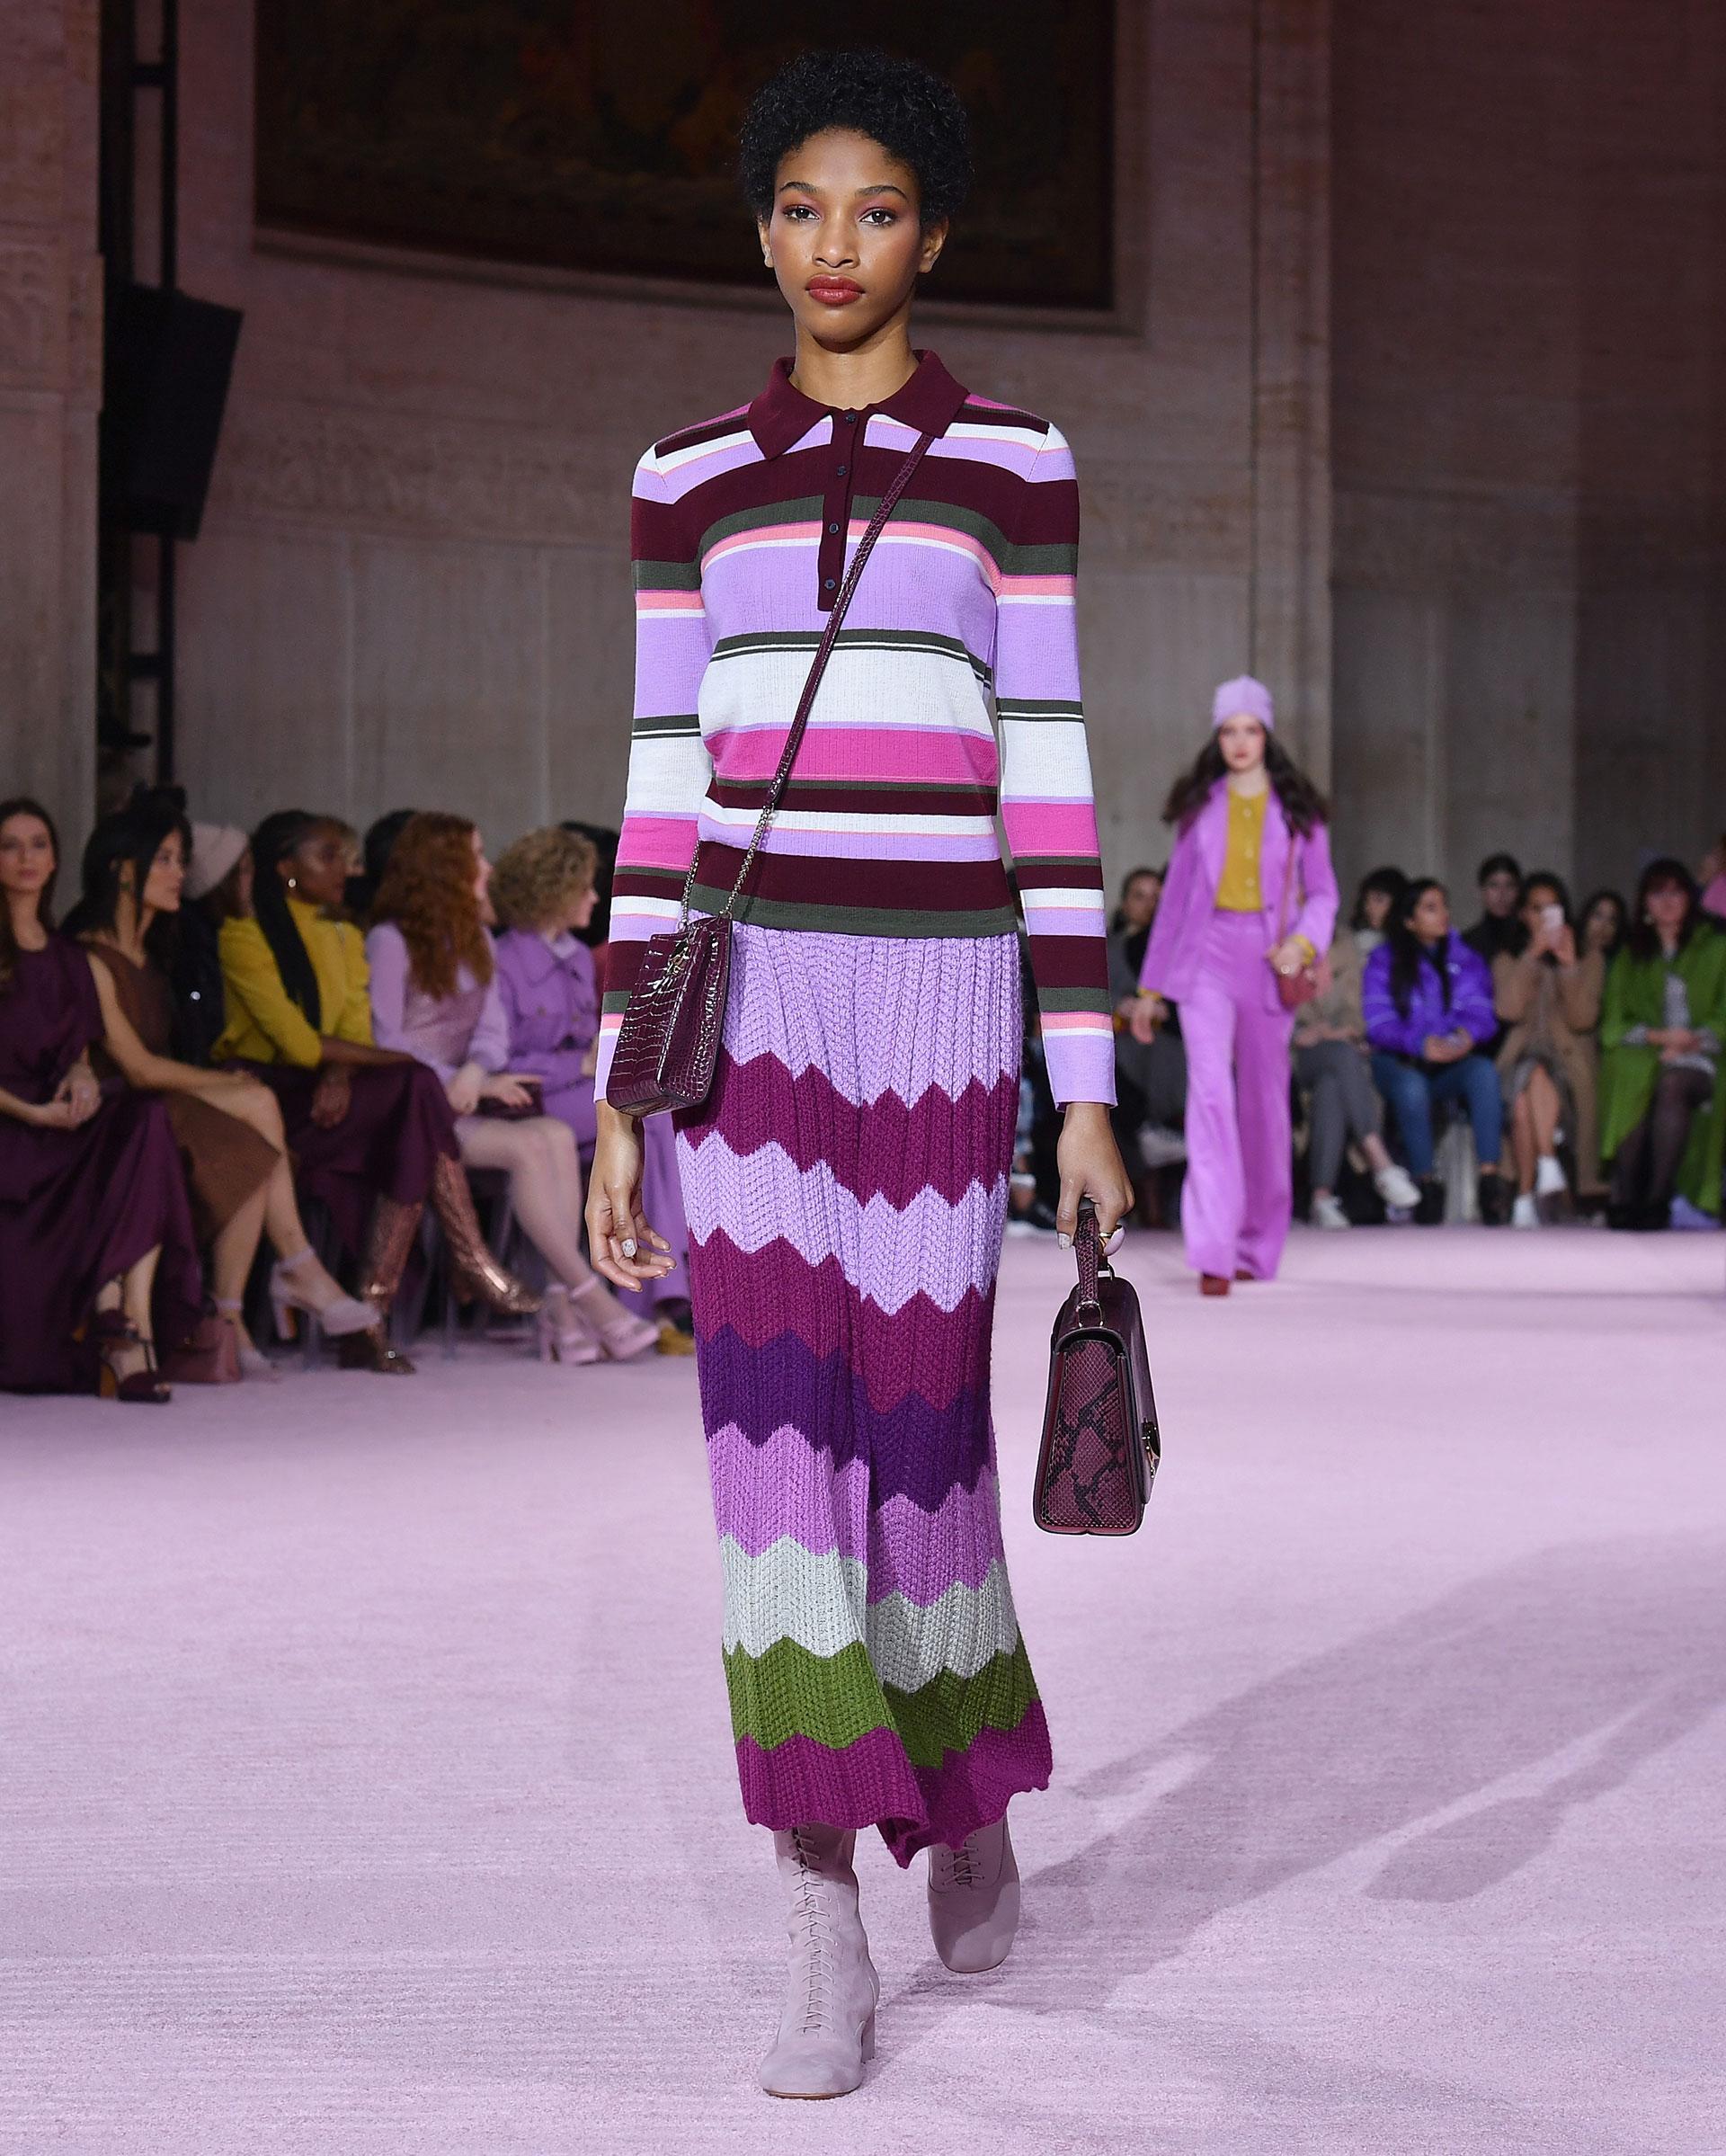 Los tejidos para el invierno llegaron de la mano de Kate Spade. Multicolor y rayados, maxi falda y chomba de mangas largas en la colección